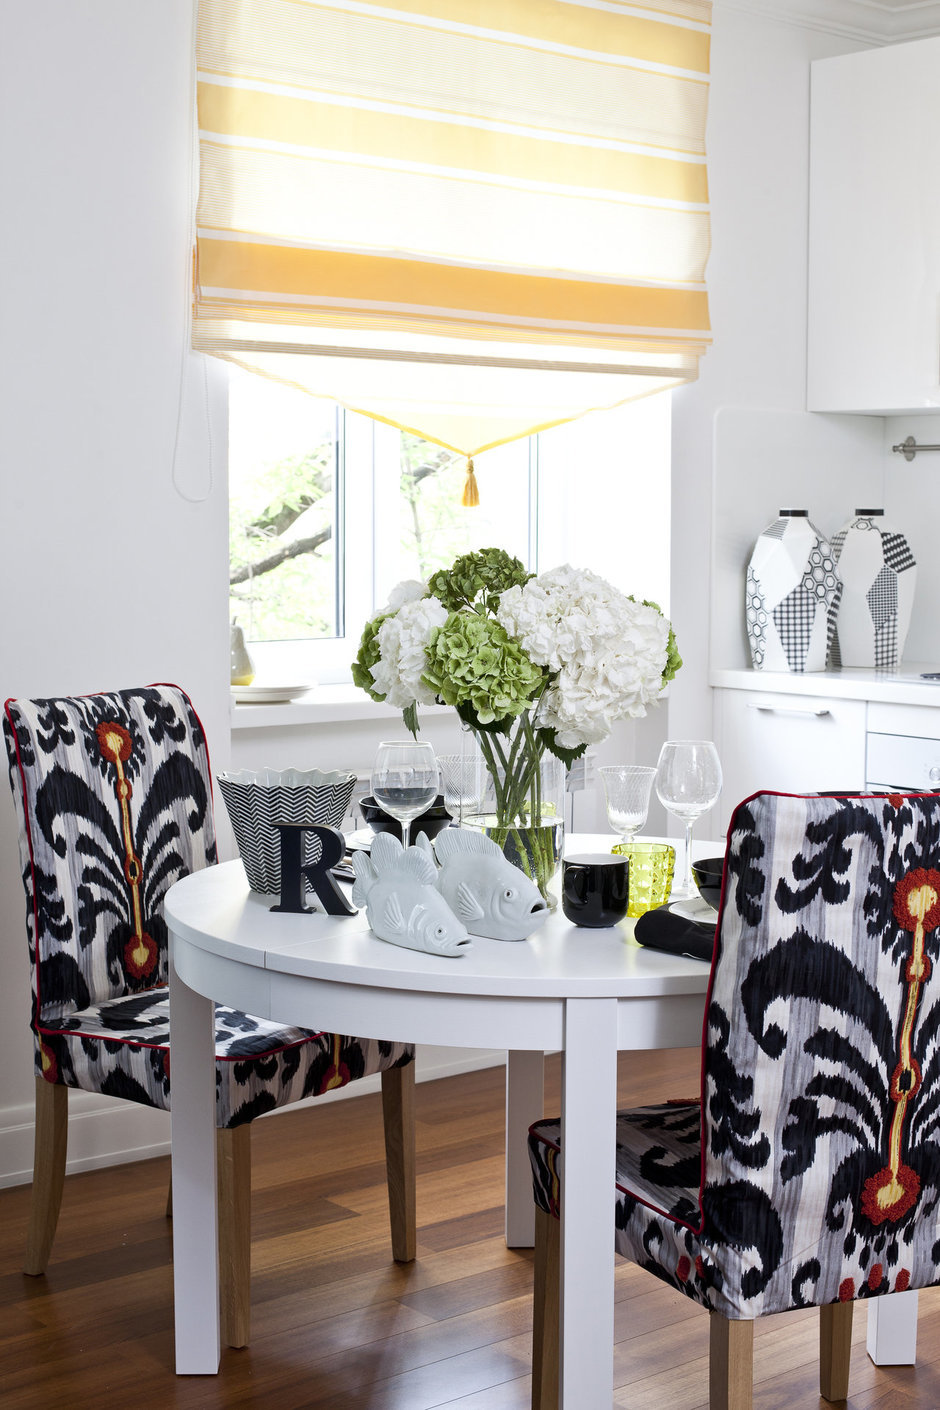 Фотография: Кухня и столовая в стиле Скандинавский, Современный, Декор интерьера, Квартира, Дома и квартиры, IKEA – фото на InMyRoom.ru